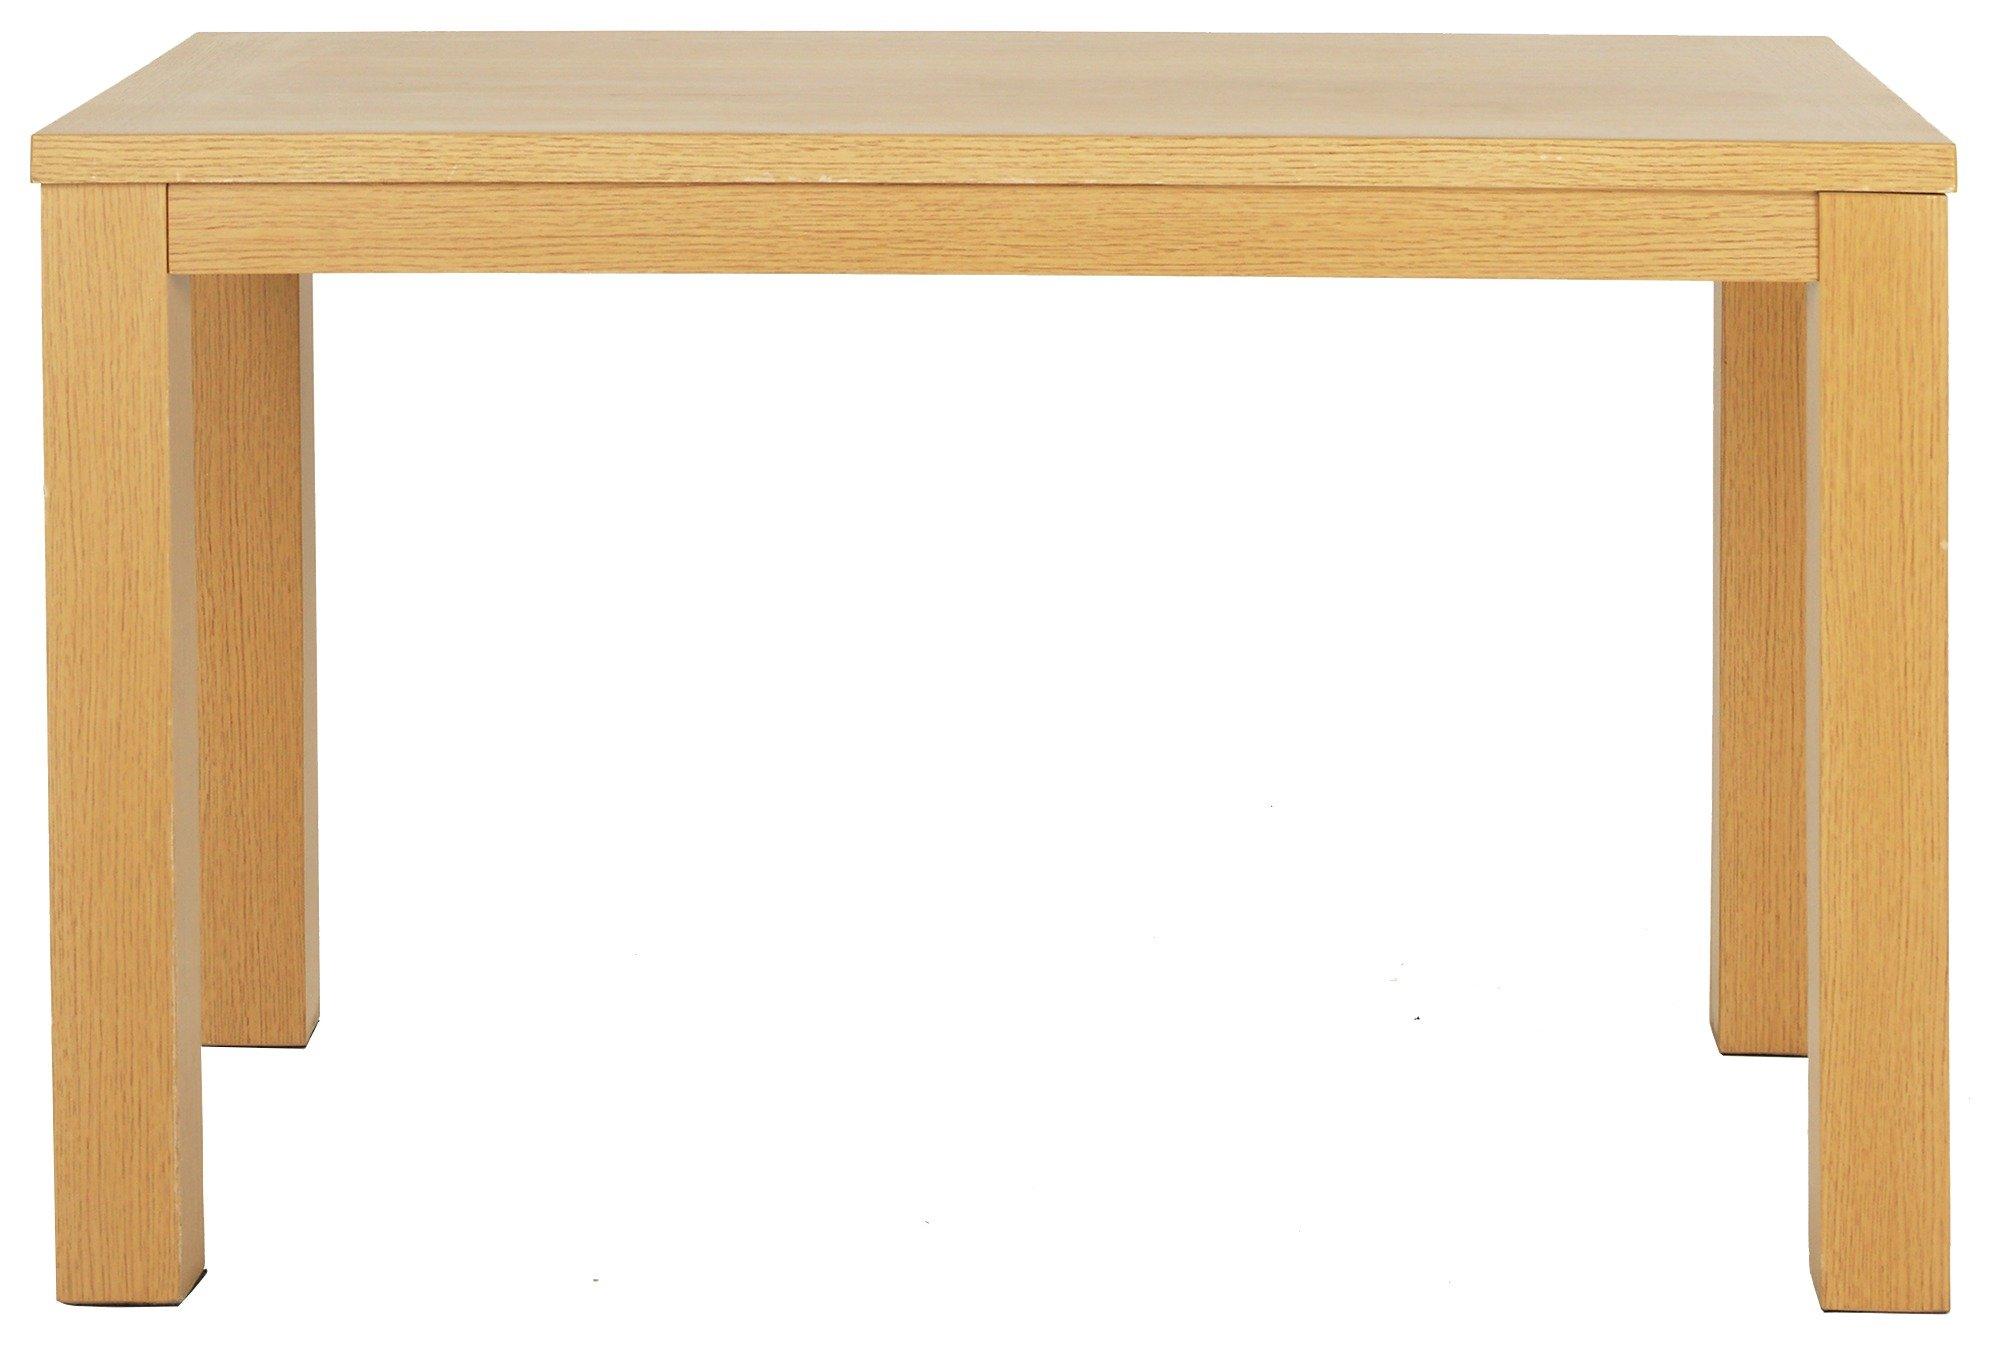 Image of HOME - Pemberton 120cm Oak Veneer - Dining Table